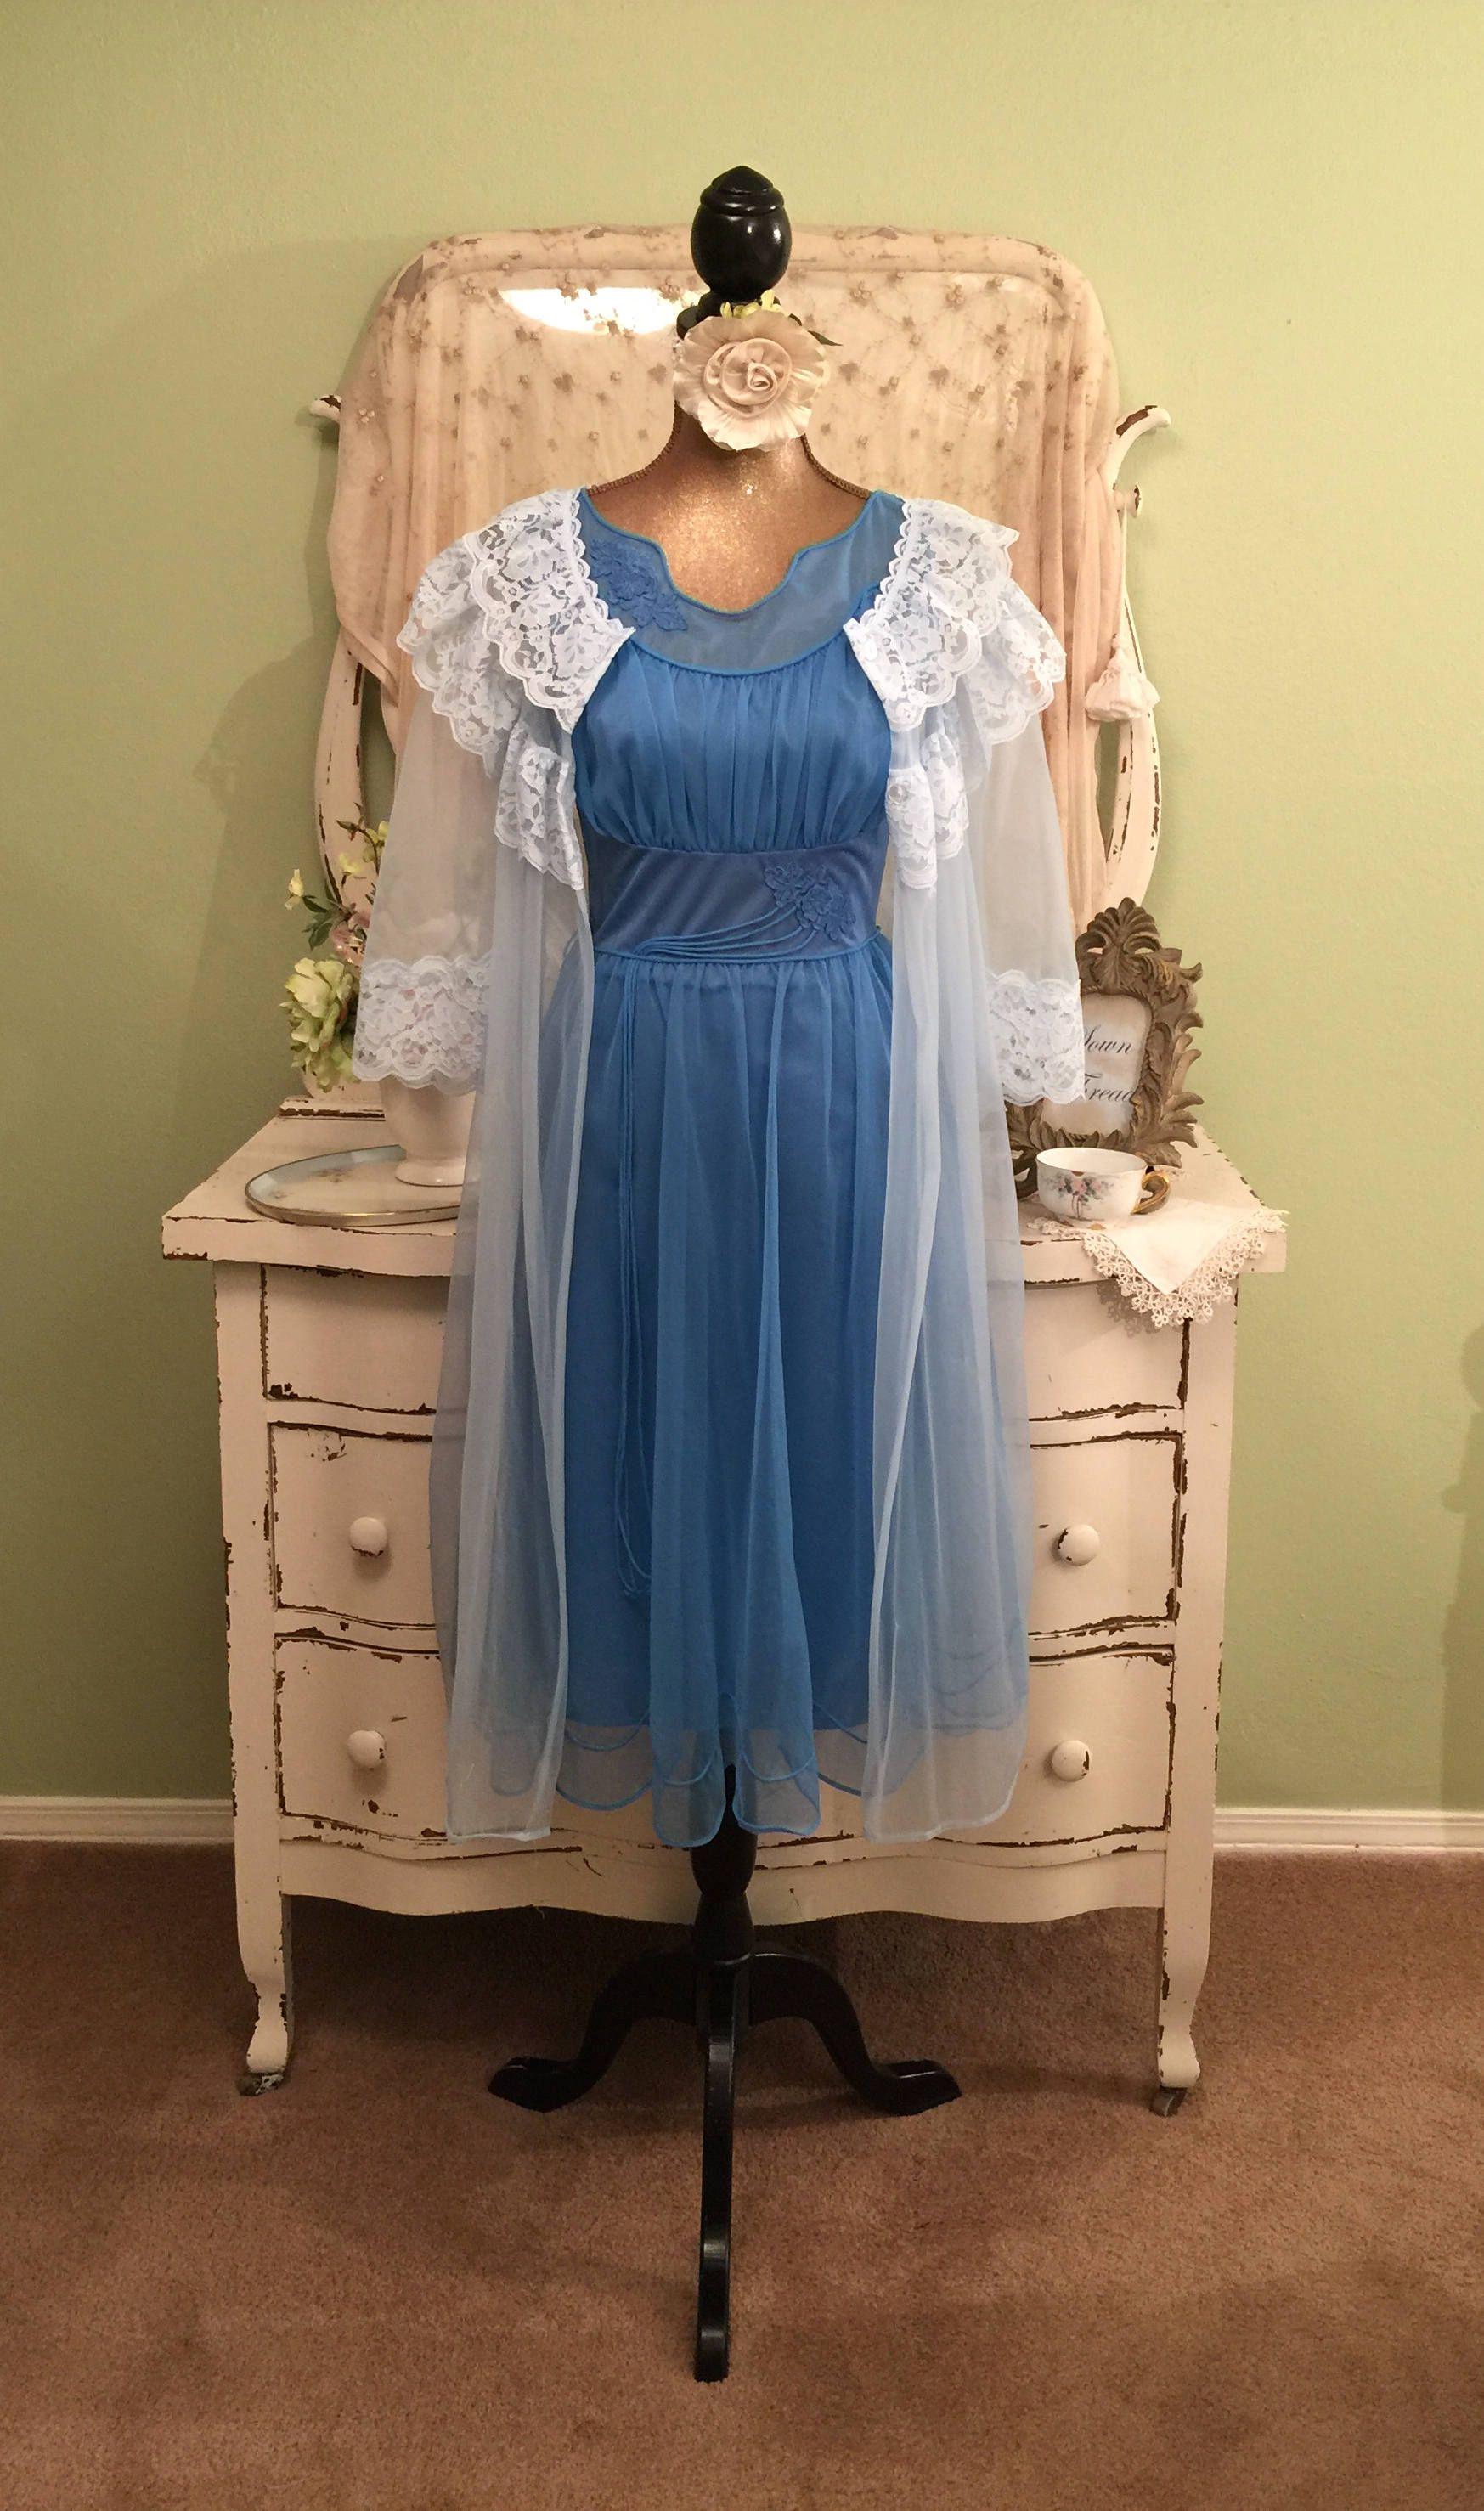 bb32819b13 Blue Chiffon Peignoir Princess Nightie and Robe Set Sheer Chiffon ...